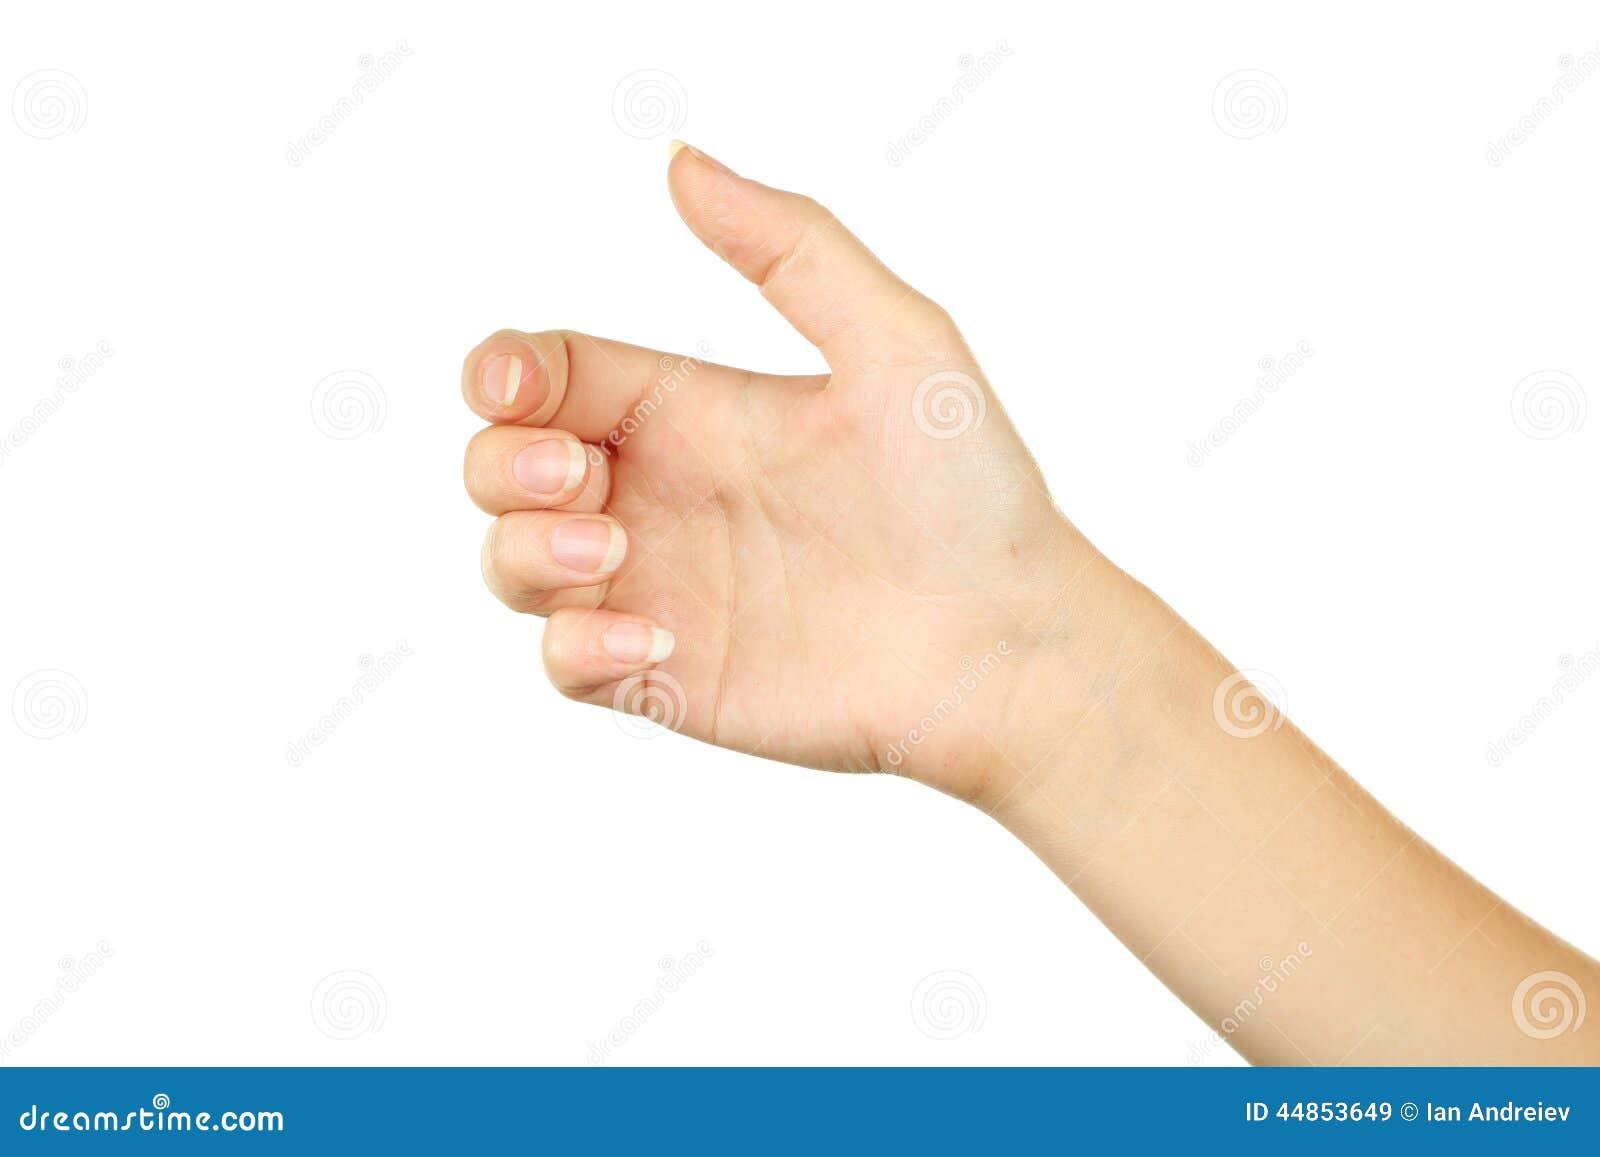 Gestos de mano femeninos, cierre para arriba